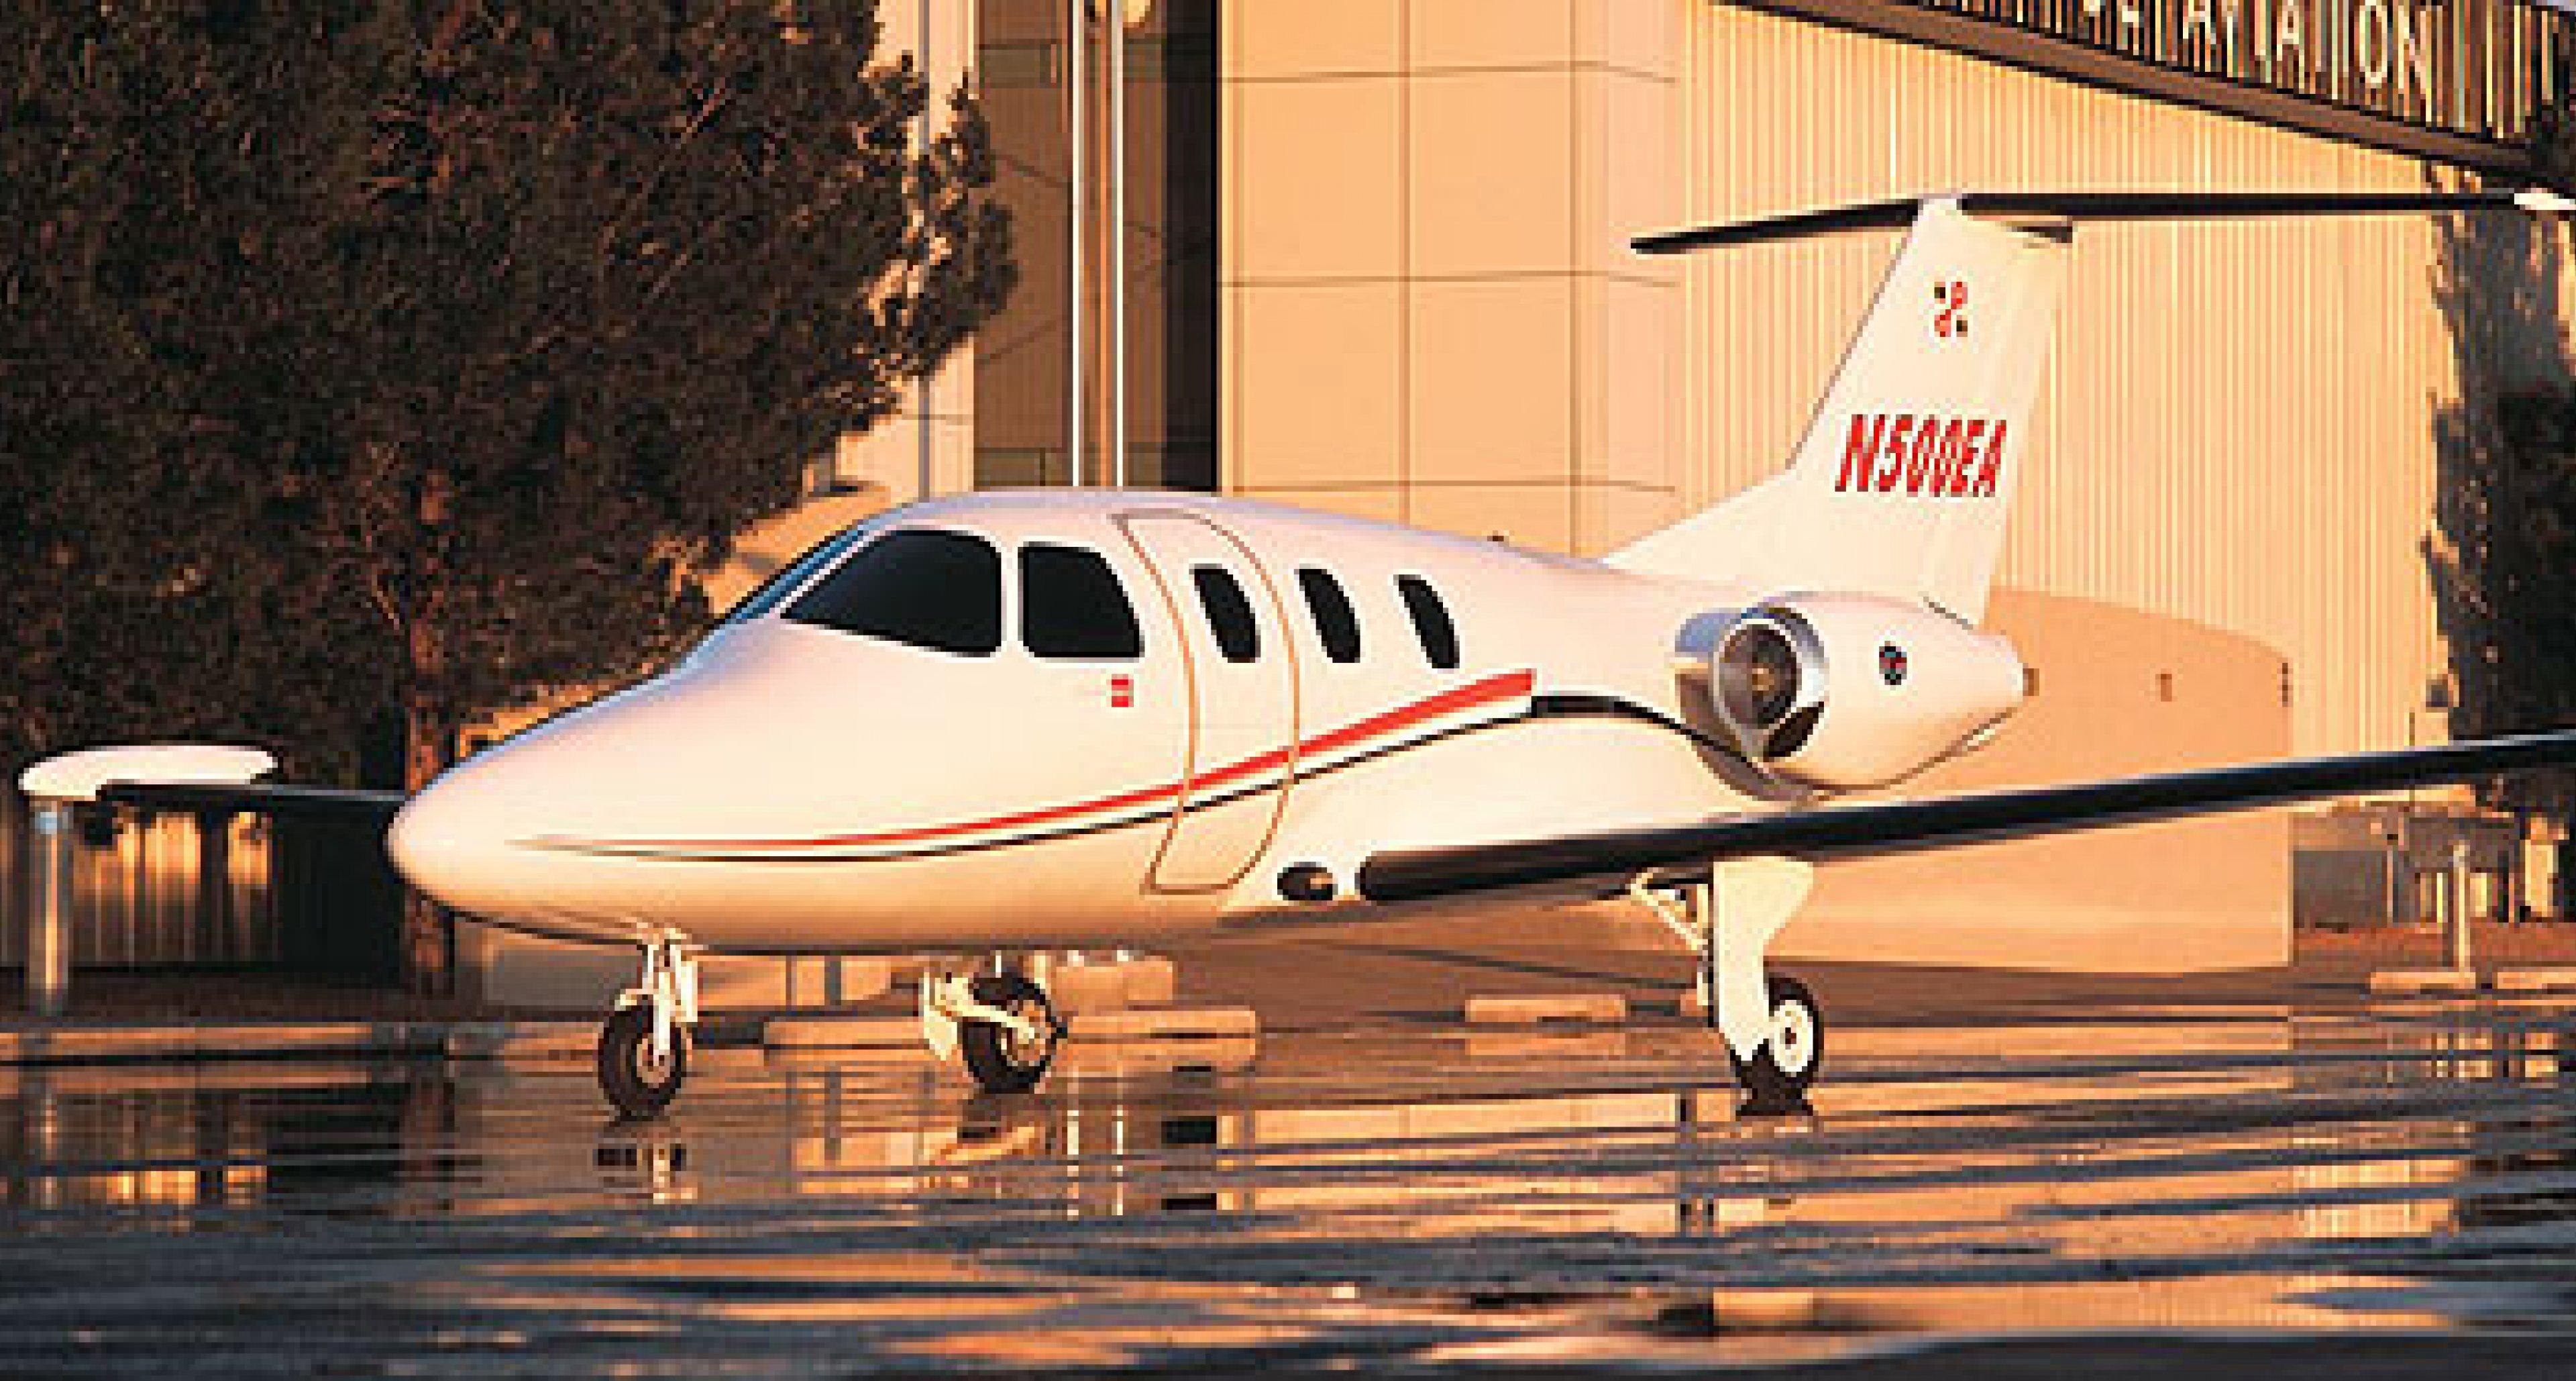 Eclipse 500 Businessjet: Kleiner Jet ganz groß